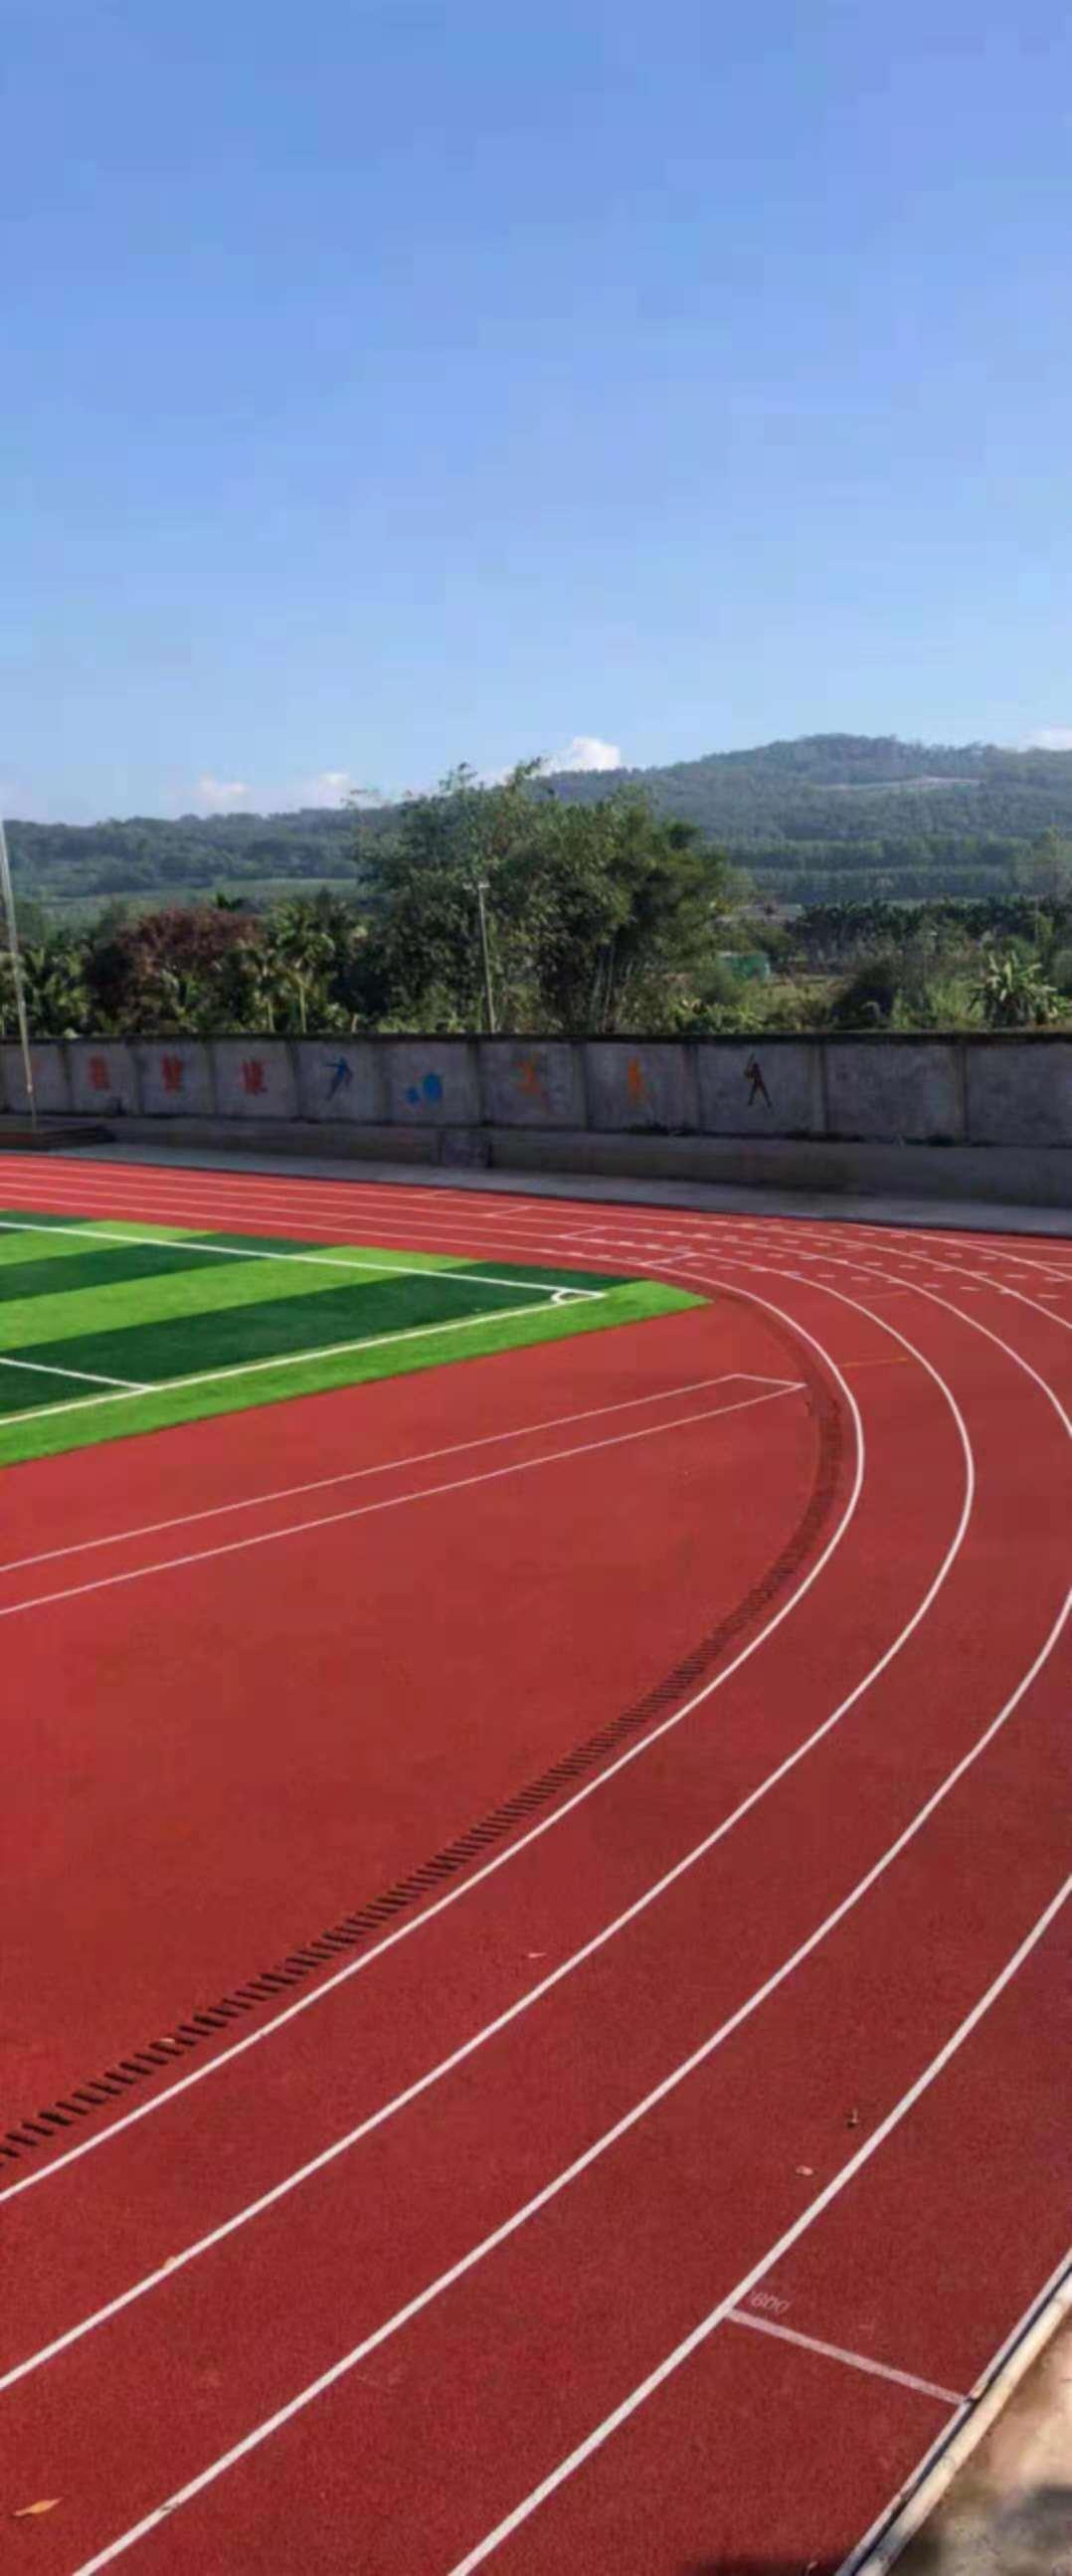 海南省白沙县白沙中学透气型跑道及人造草坪|塑胶跑道-惠州市泓冠达体育设施有限公司